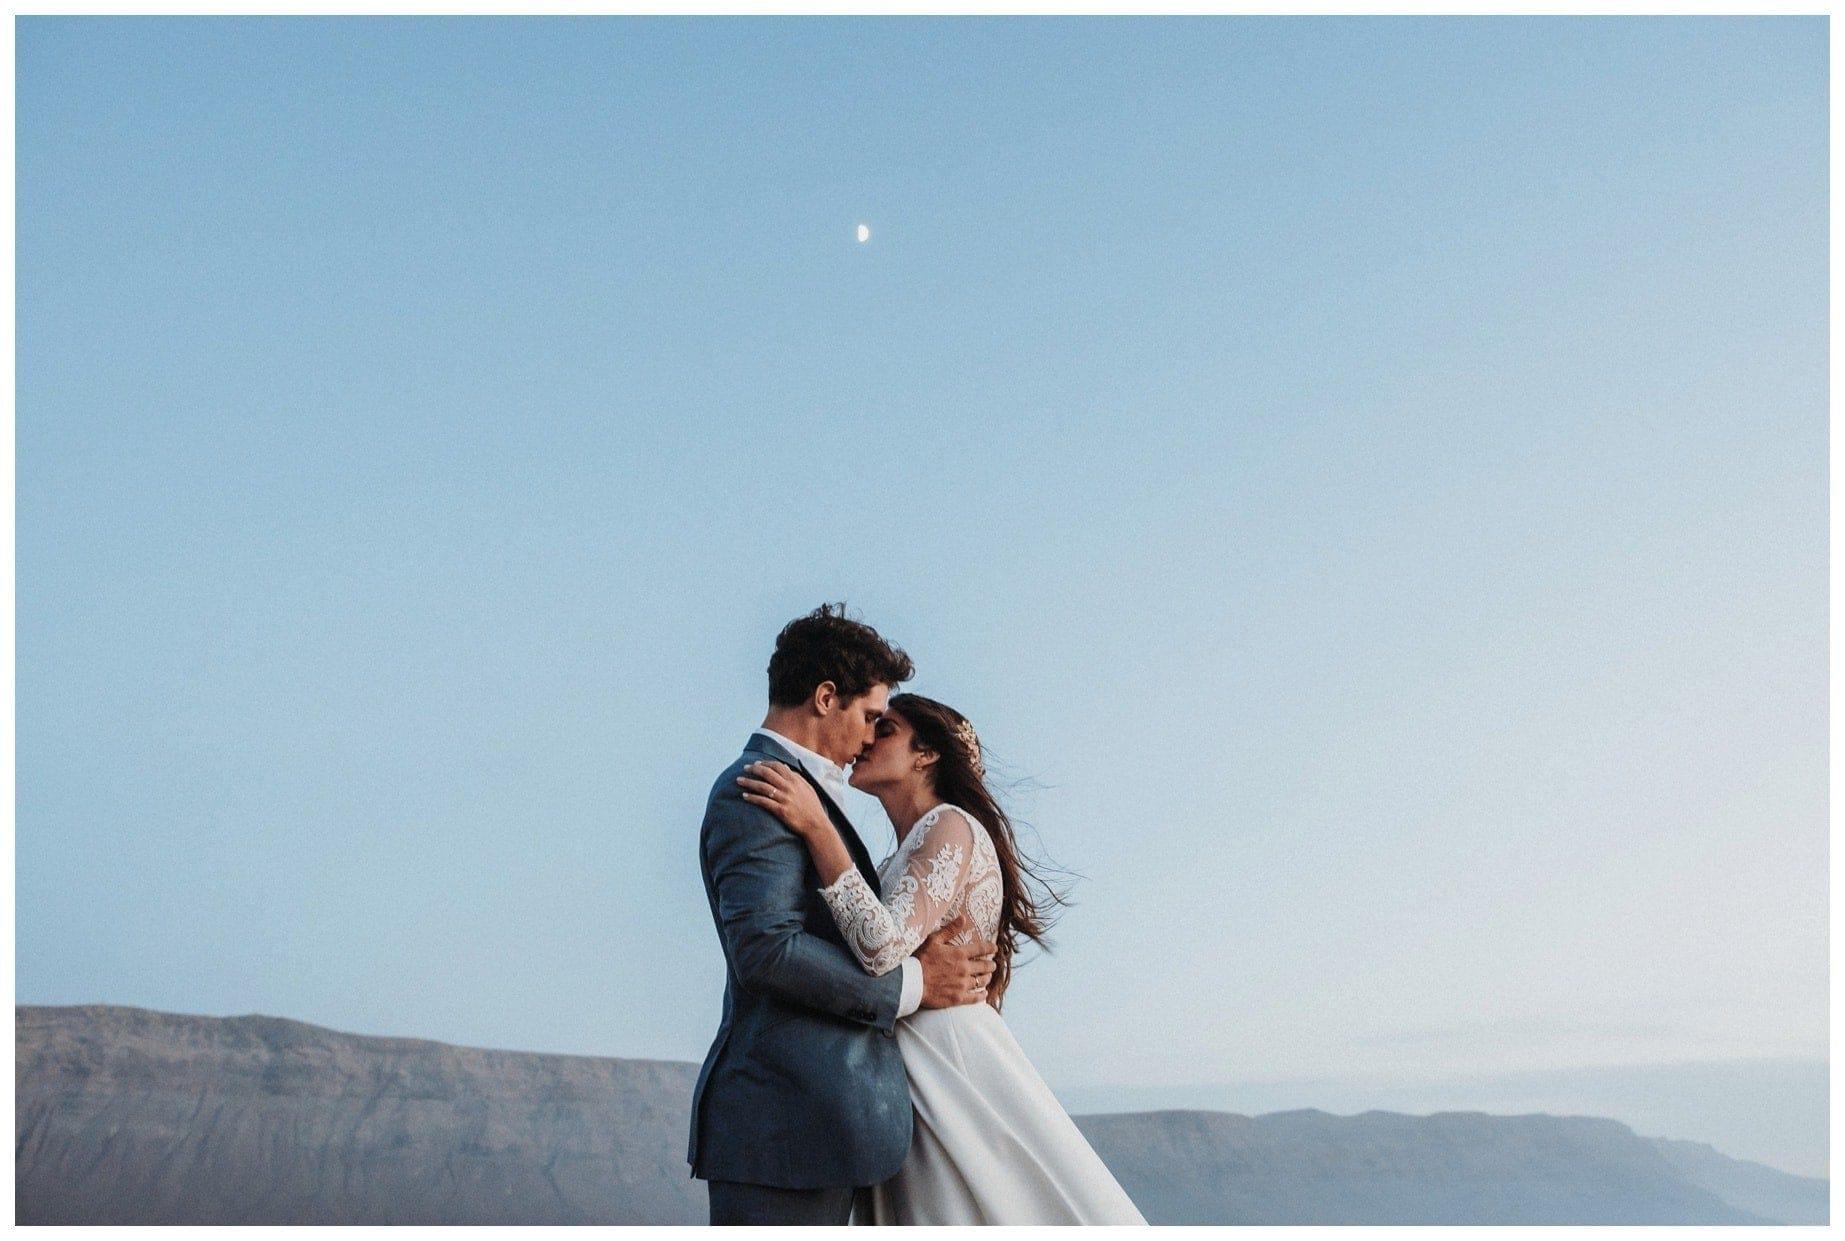 La boda en La Graciosa de Mónica y Álvaro